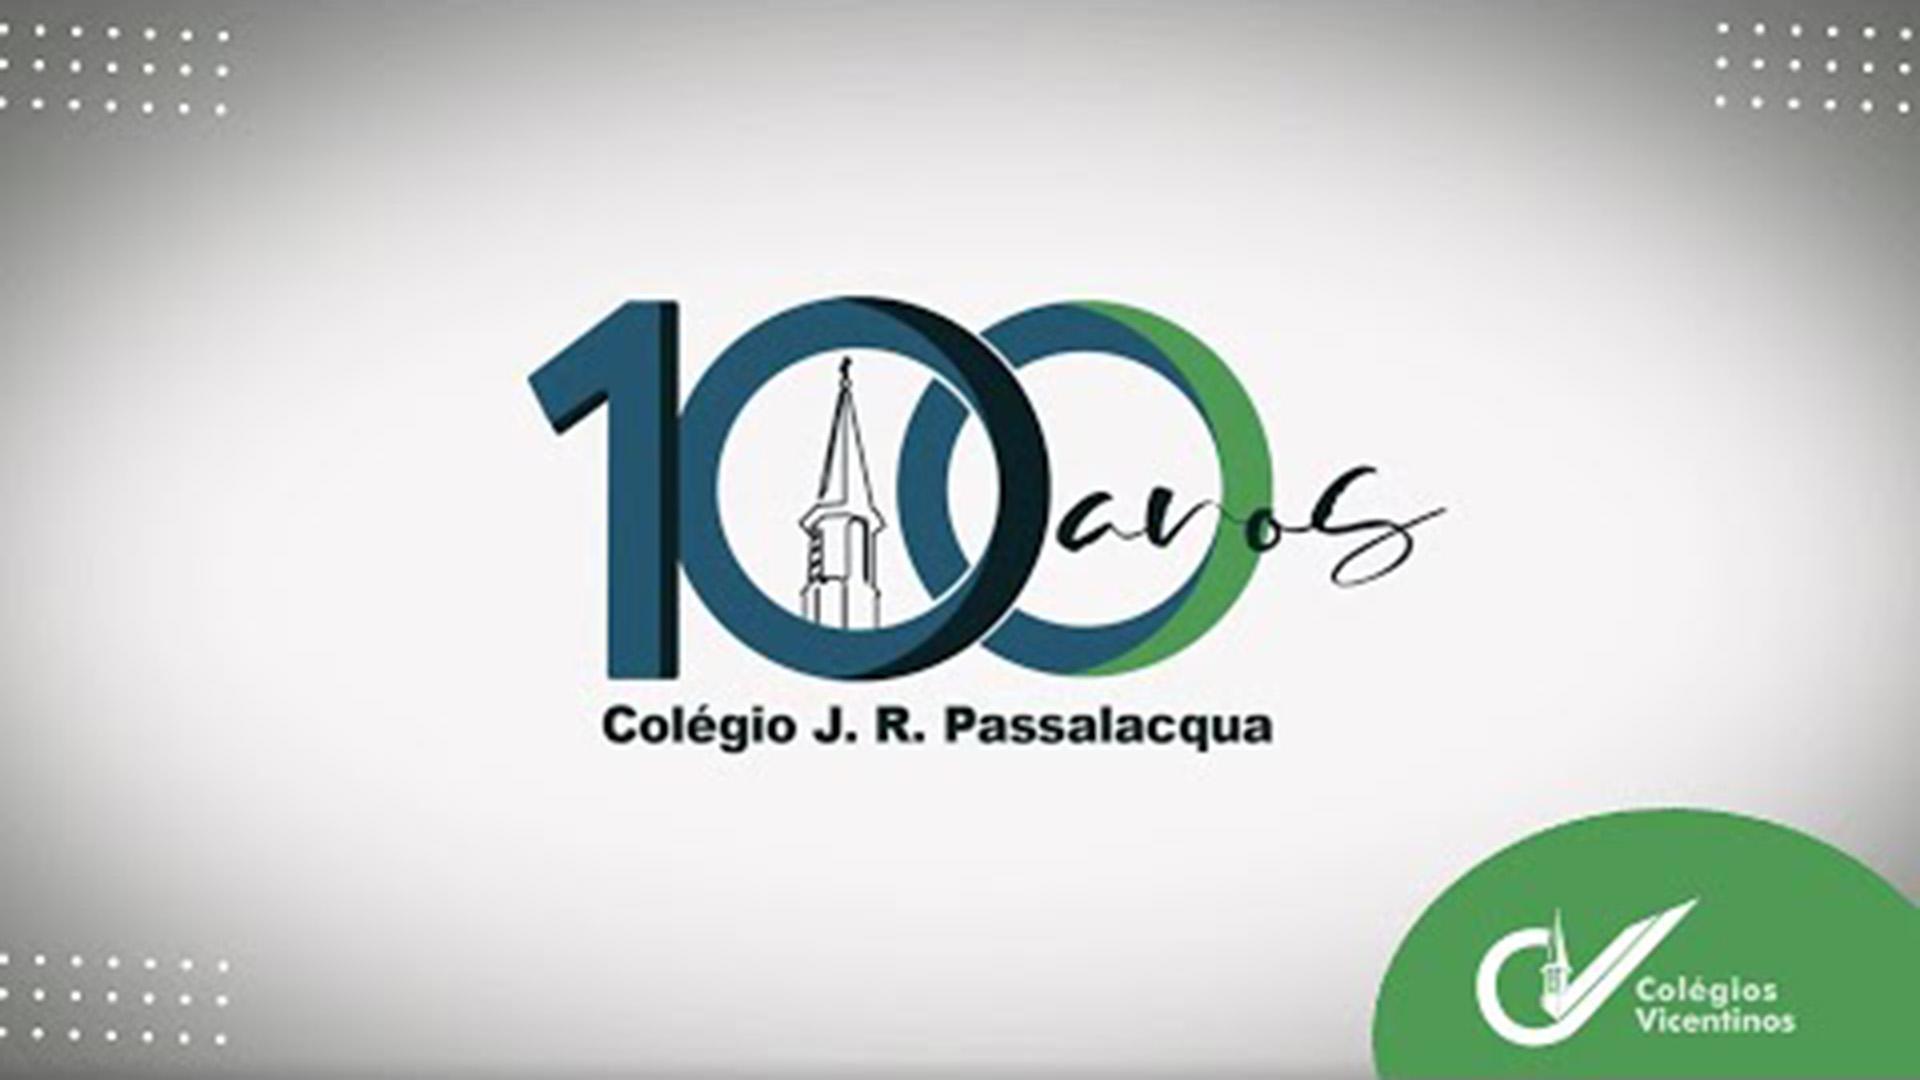 [100 anos do Colégio J. R. Passalacqua]